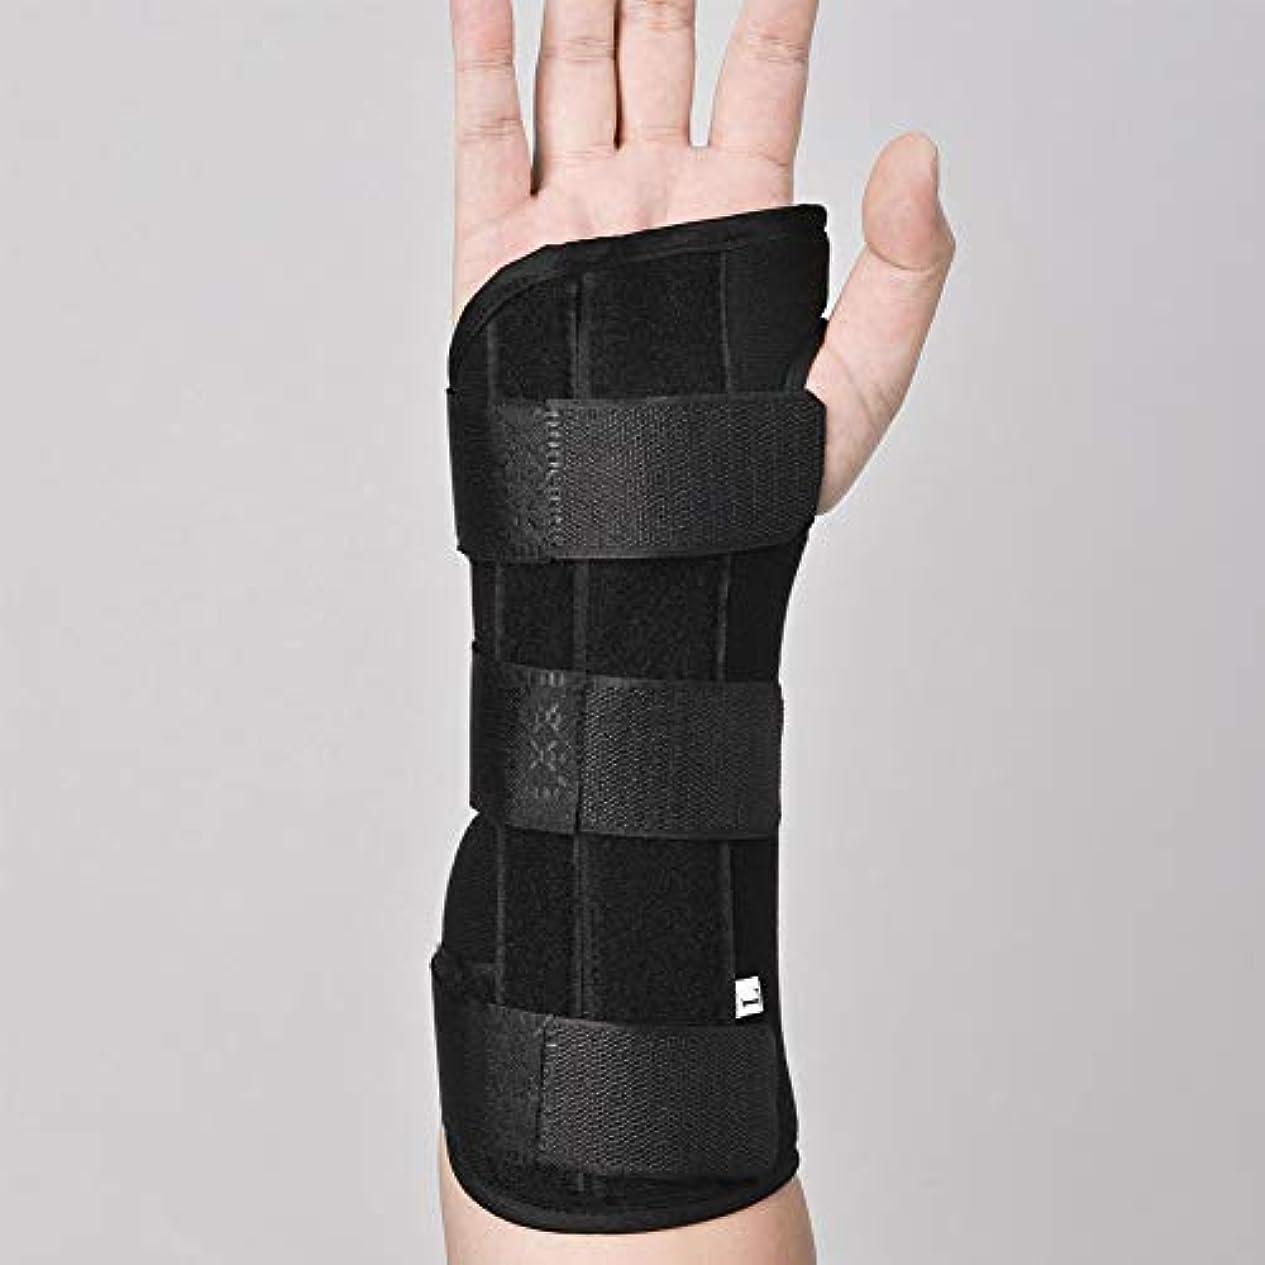 十分なエキスパートテセウス捻挫および成人用に適した関節炎のためのアルミニウム副木矯正ストラップ痛み緩和と手首の関節,Lefthand,S